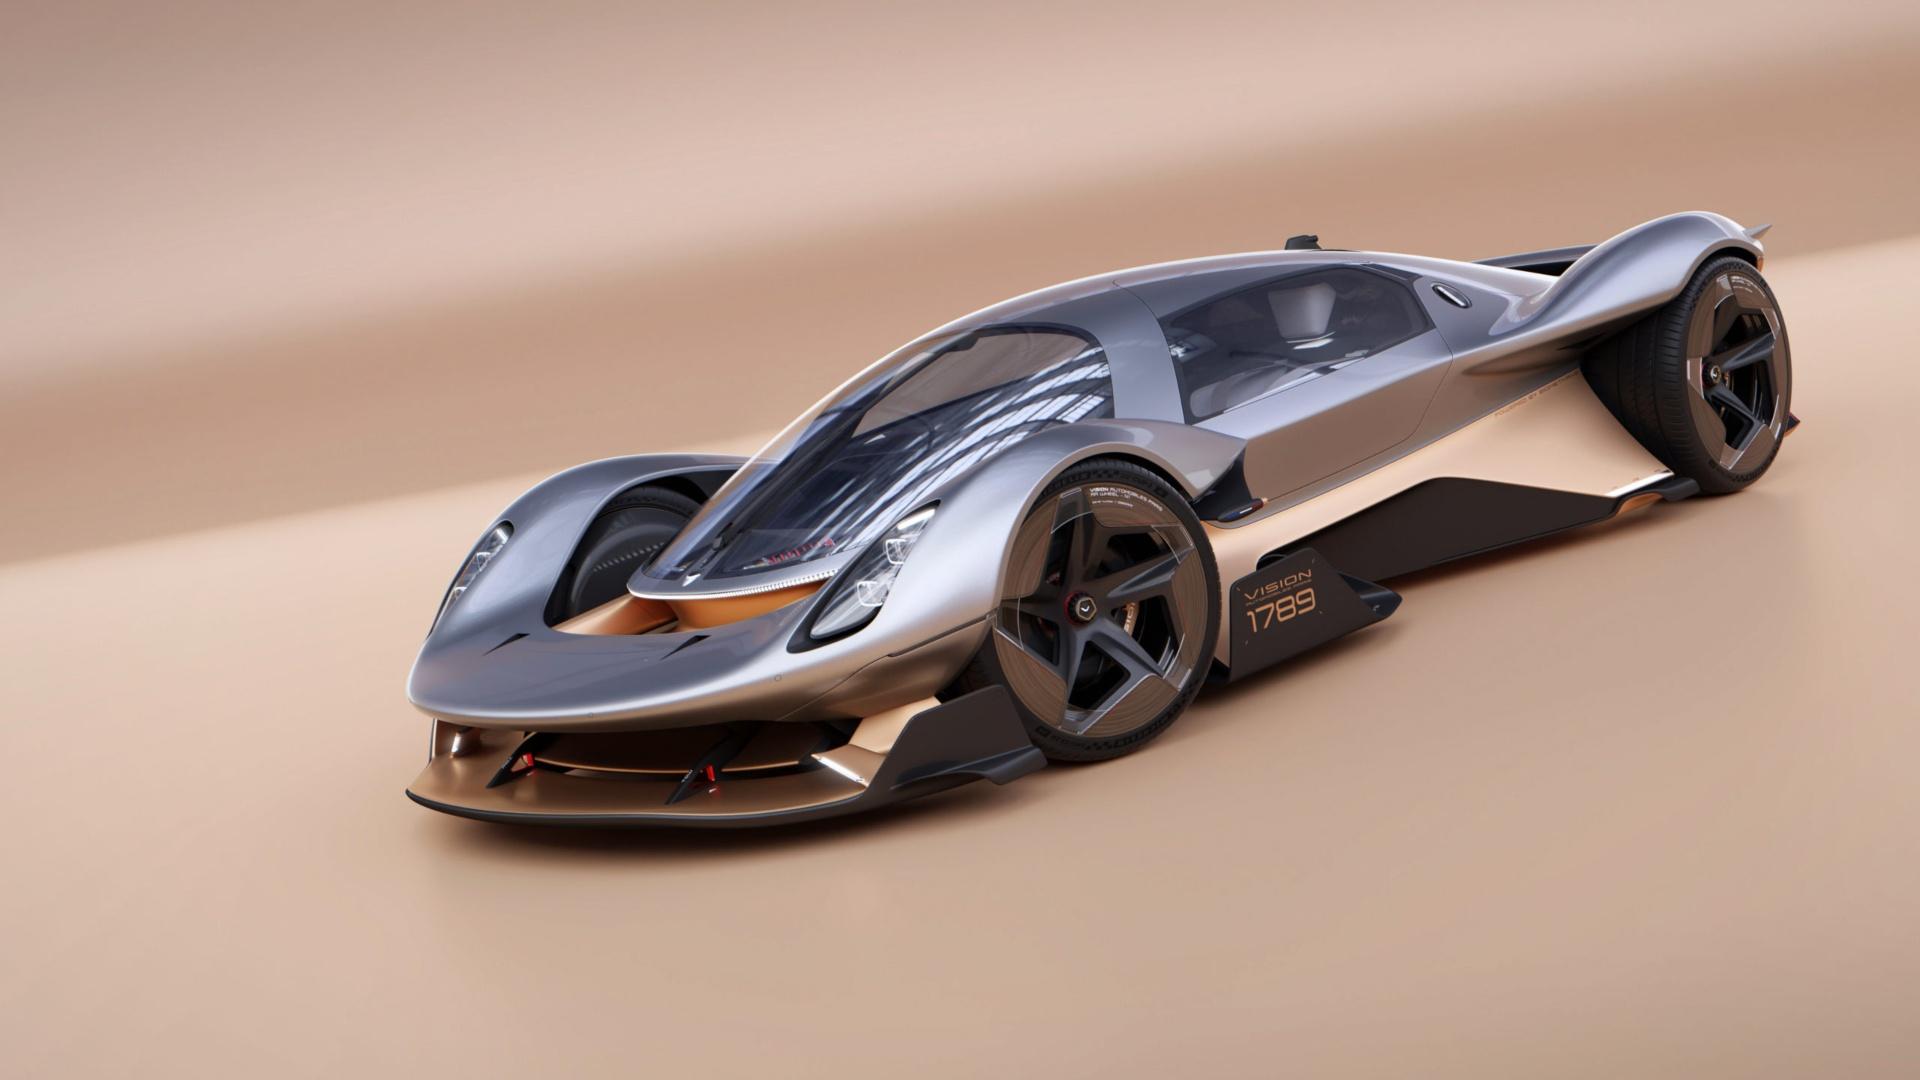 El Vision 1789 estará en las 24 Horas de Le Mans de 2023 alimentado con biometano